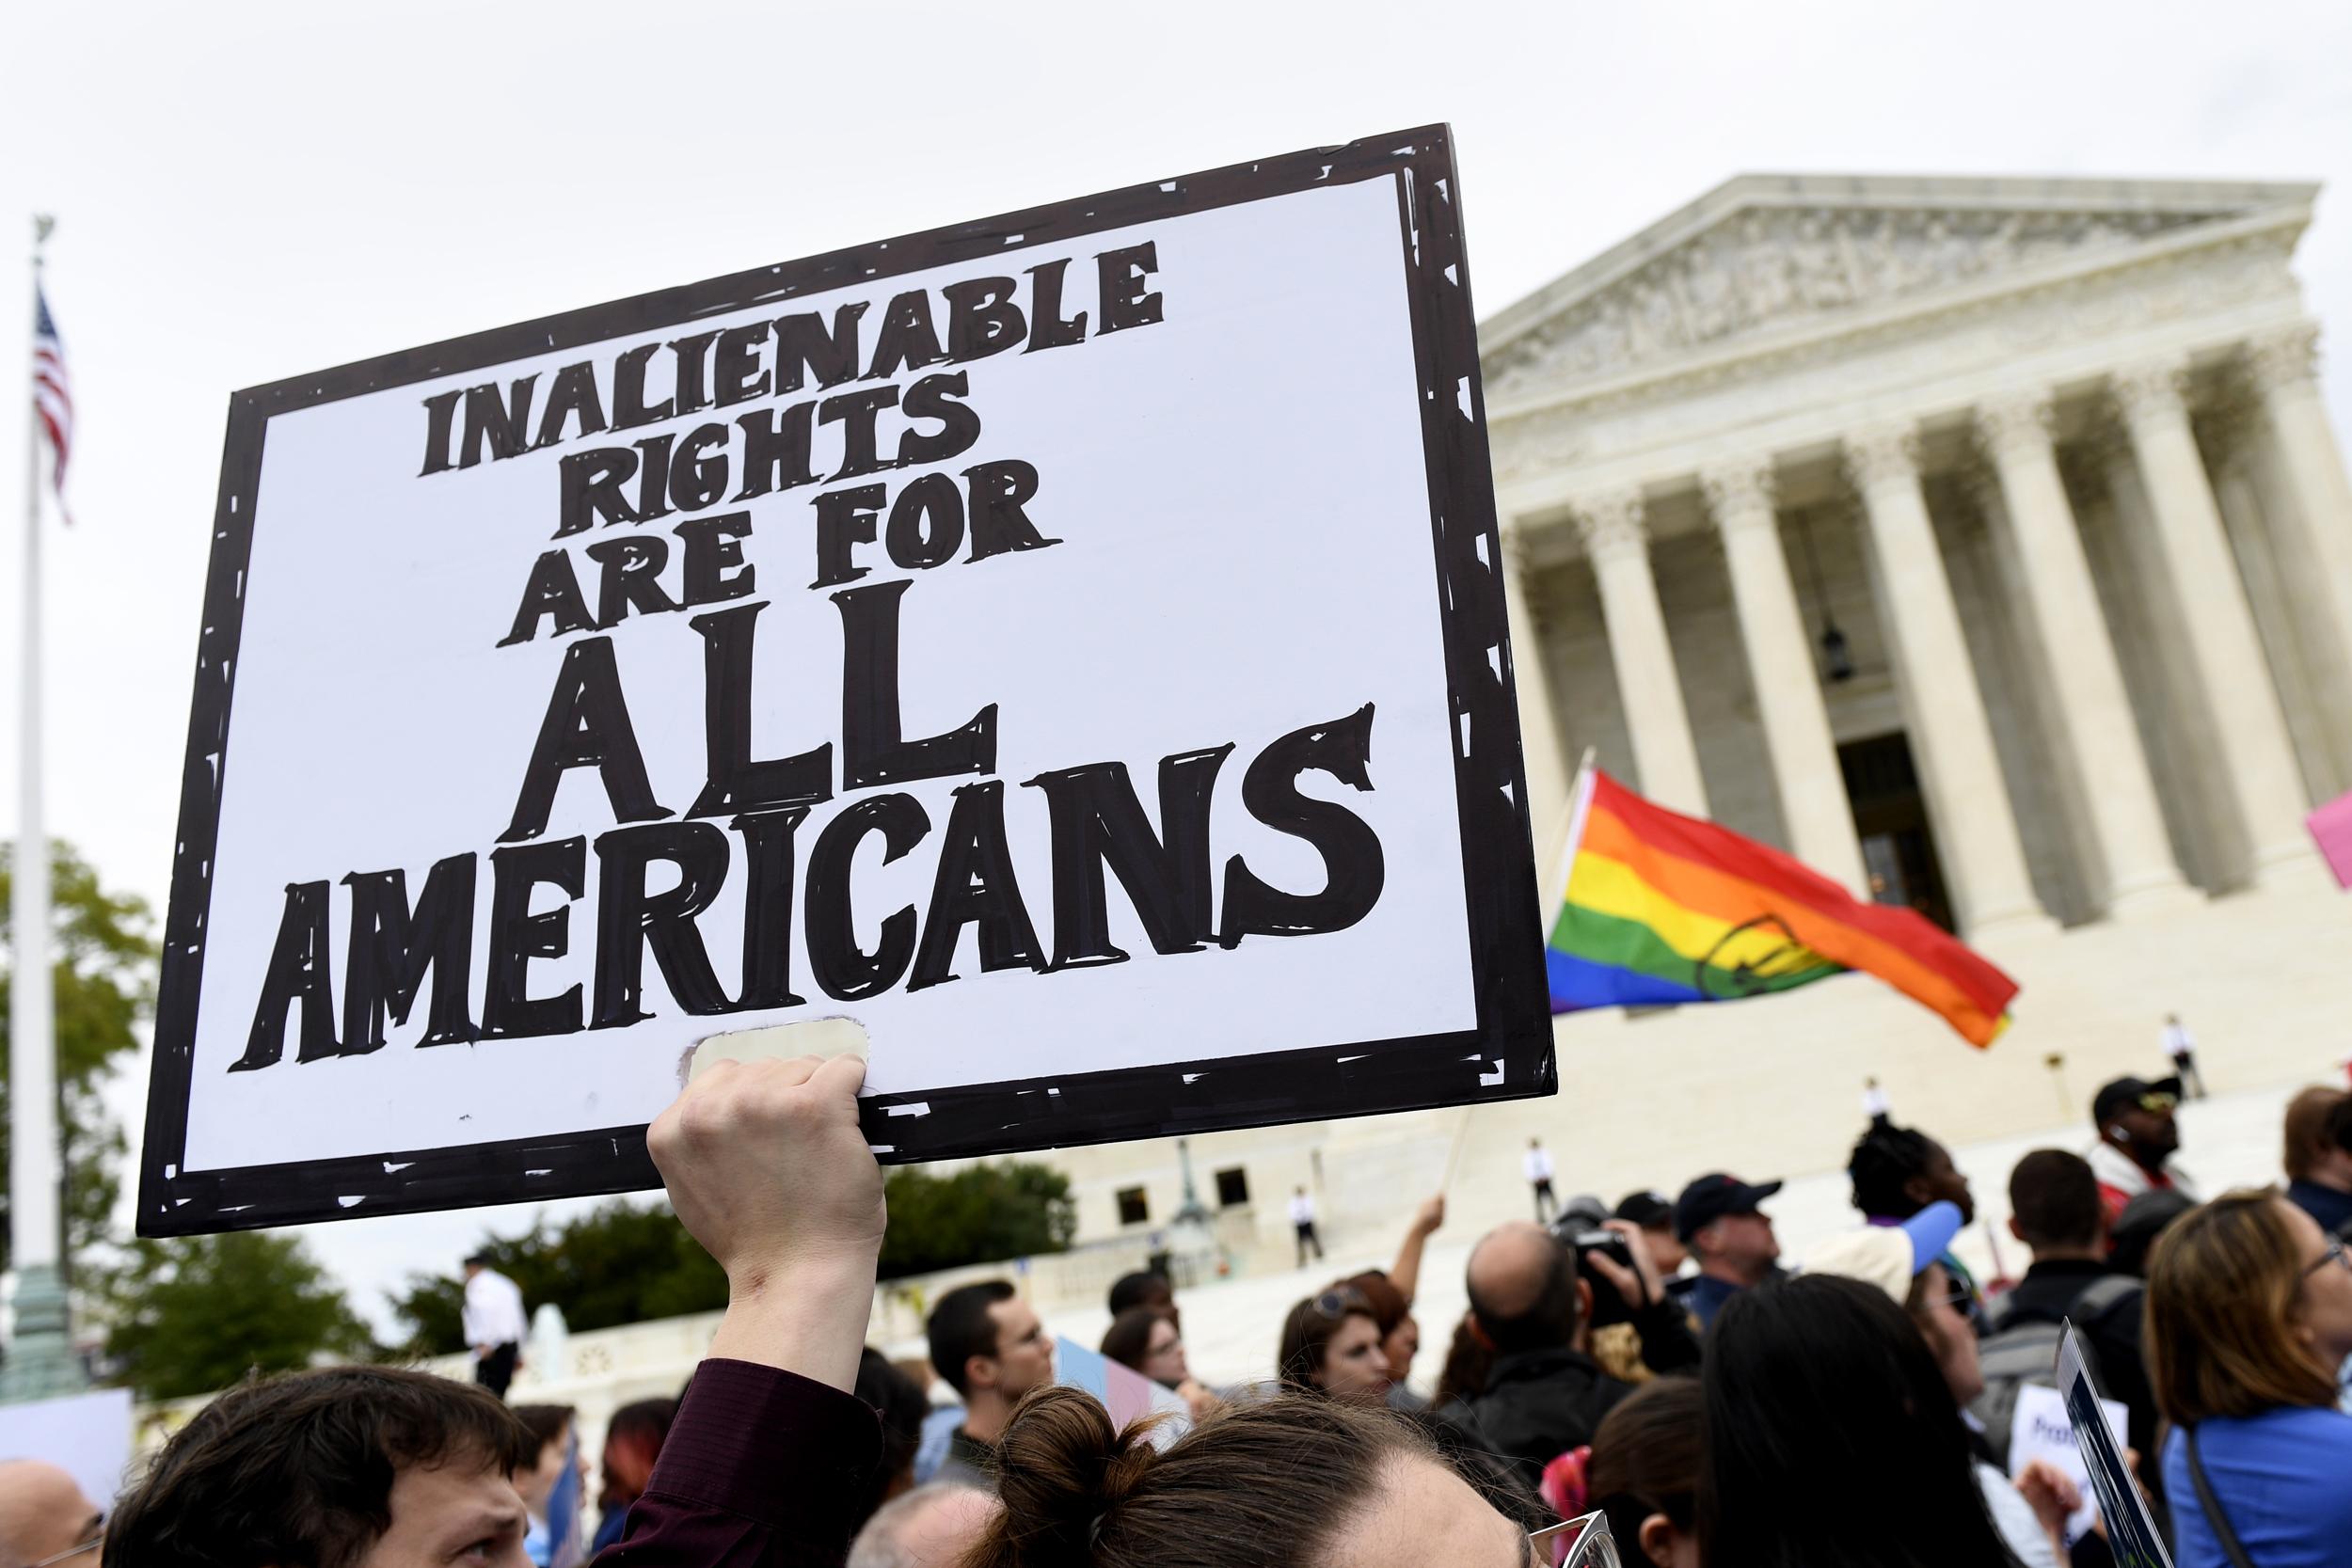 210224-equality-act-ew-640p_667f62630b5c